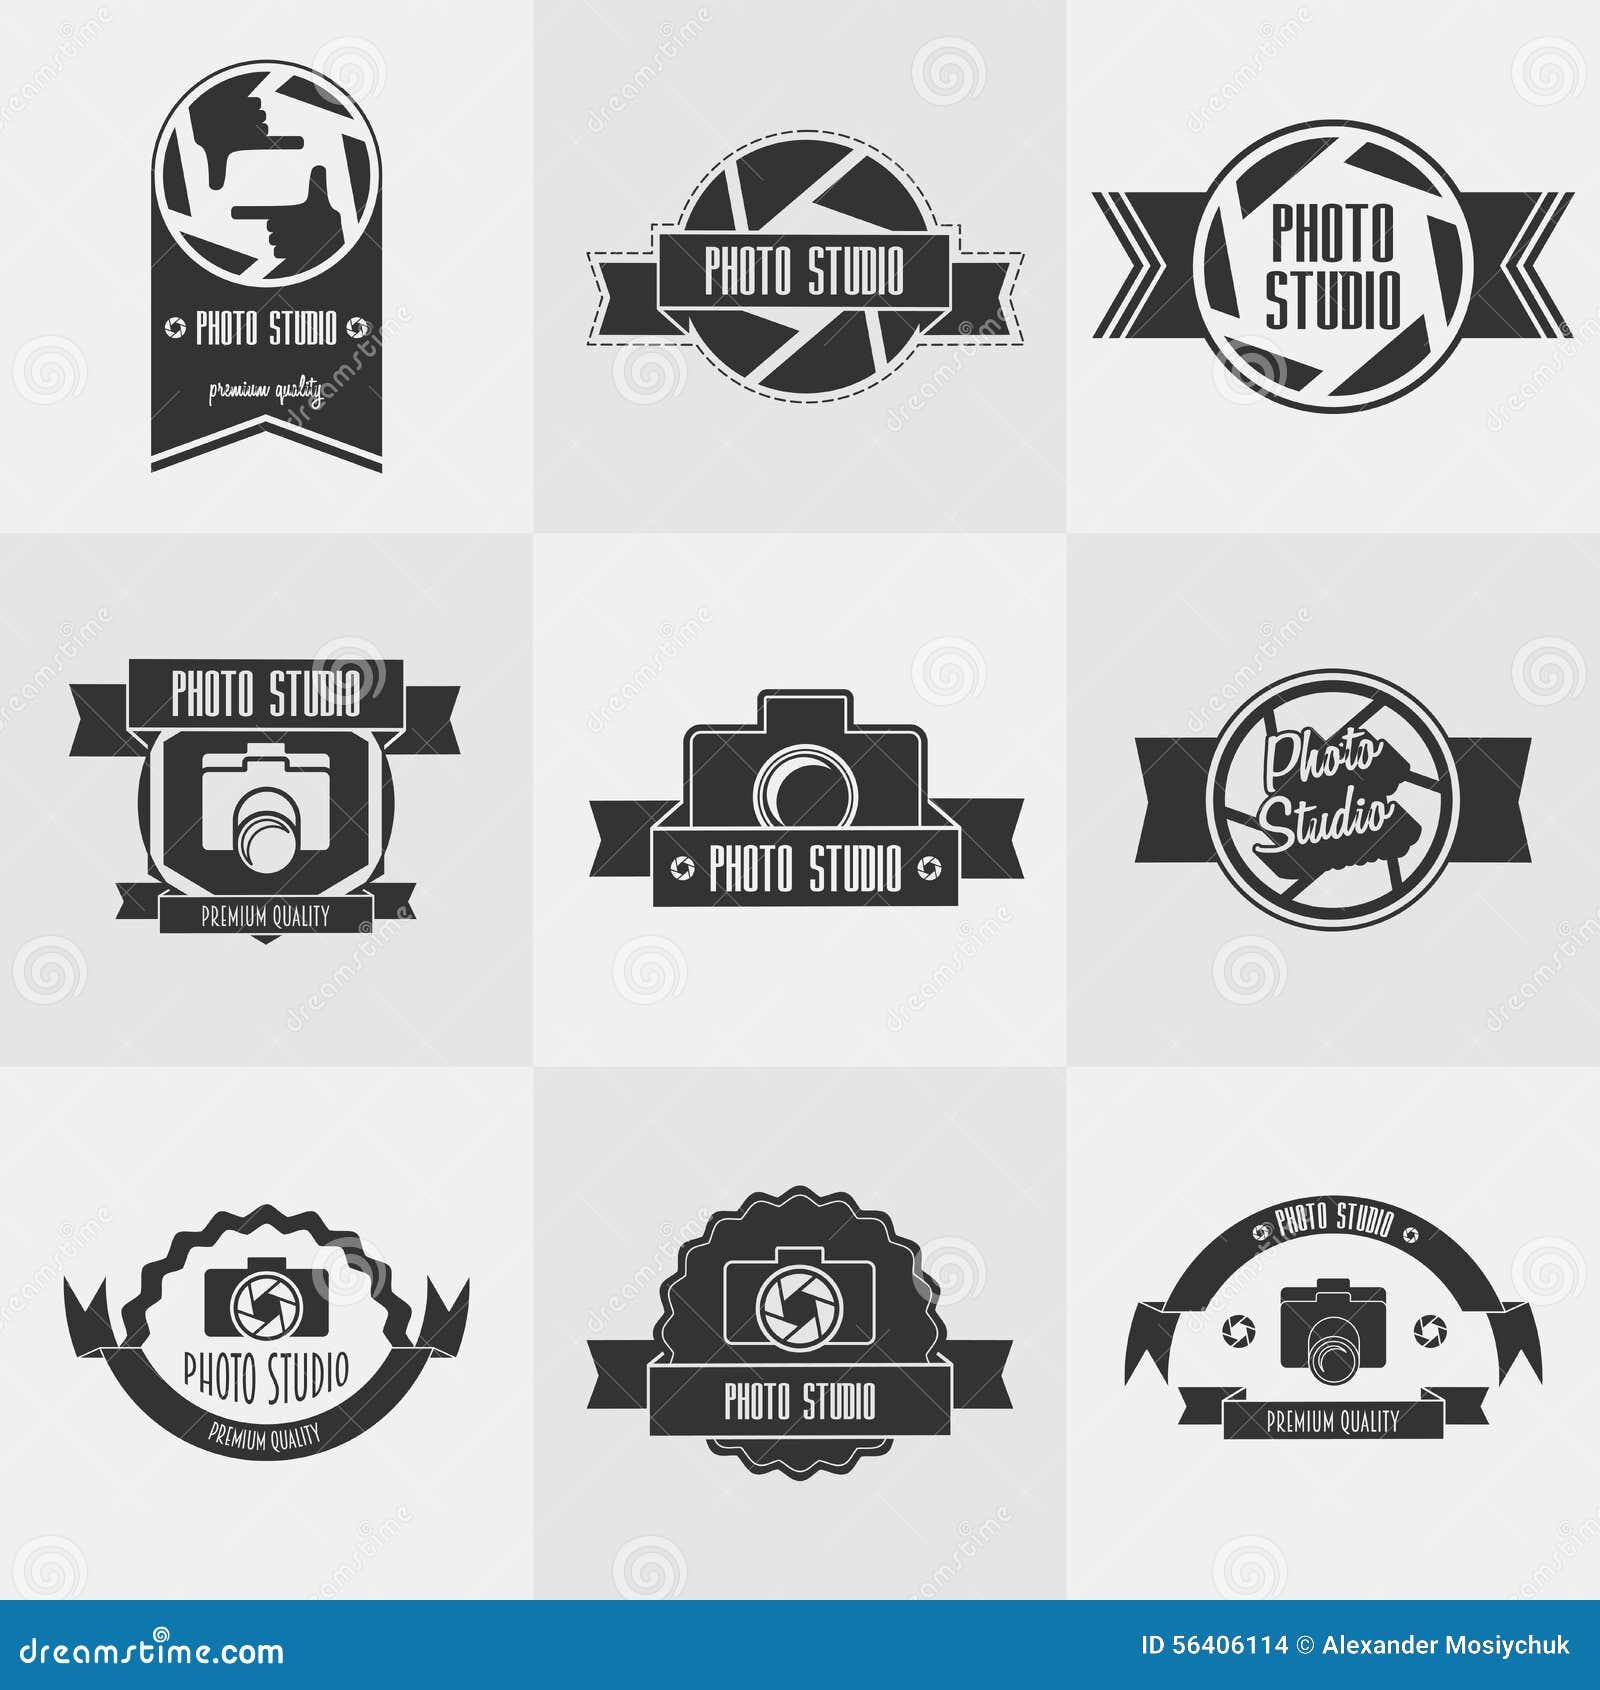 Vector Set Of Photo Studioy Logo Templates. Stock Vector